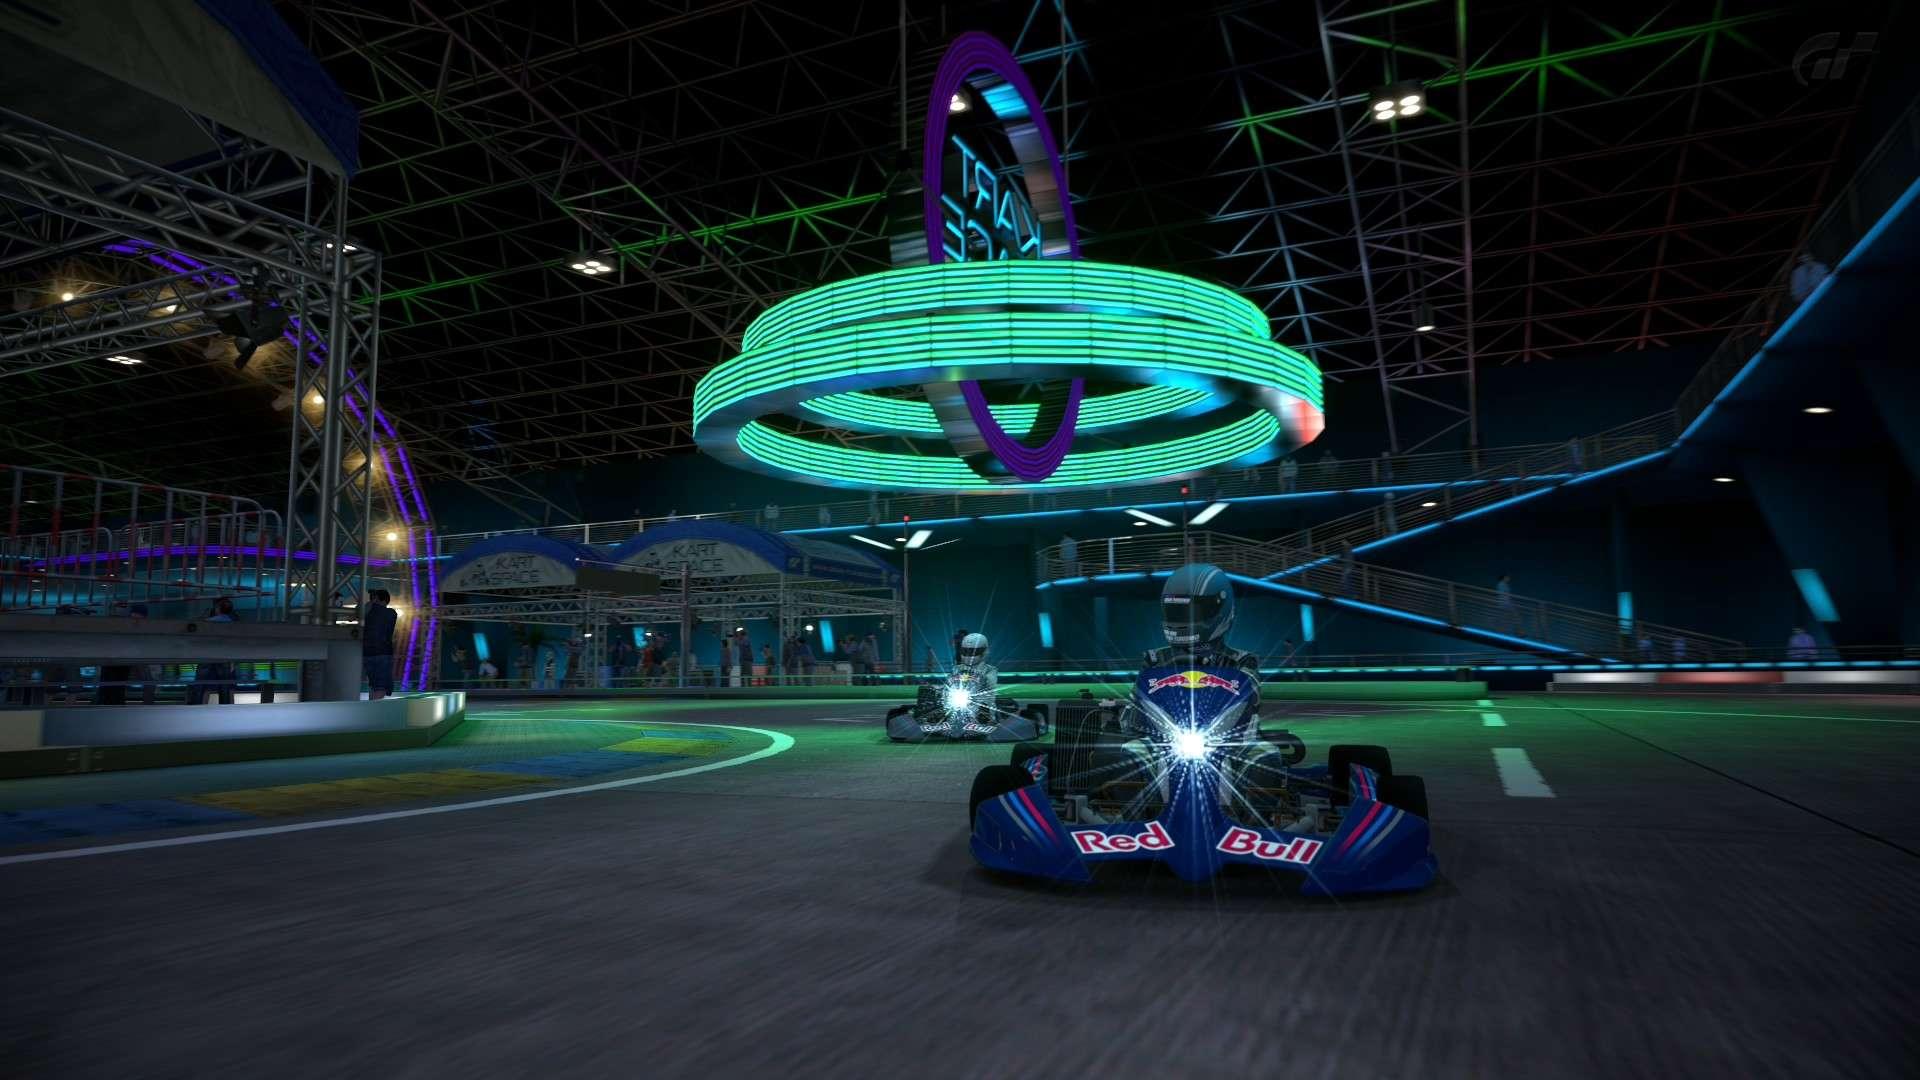 Crónica del Red Bull Racing Kart en Kart Space  Kart_s25